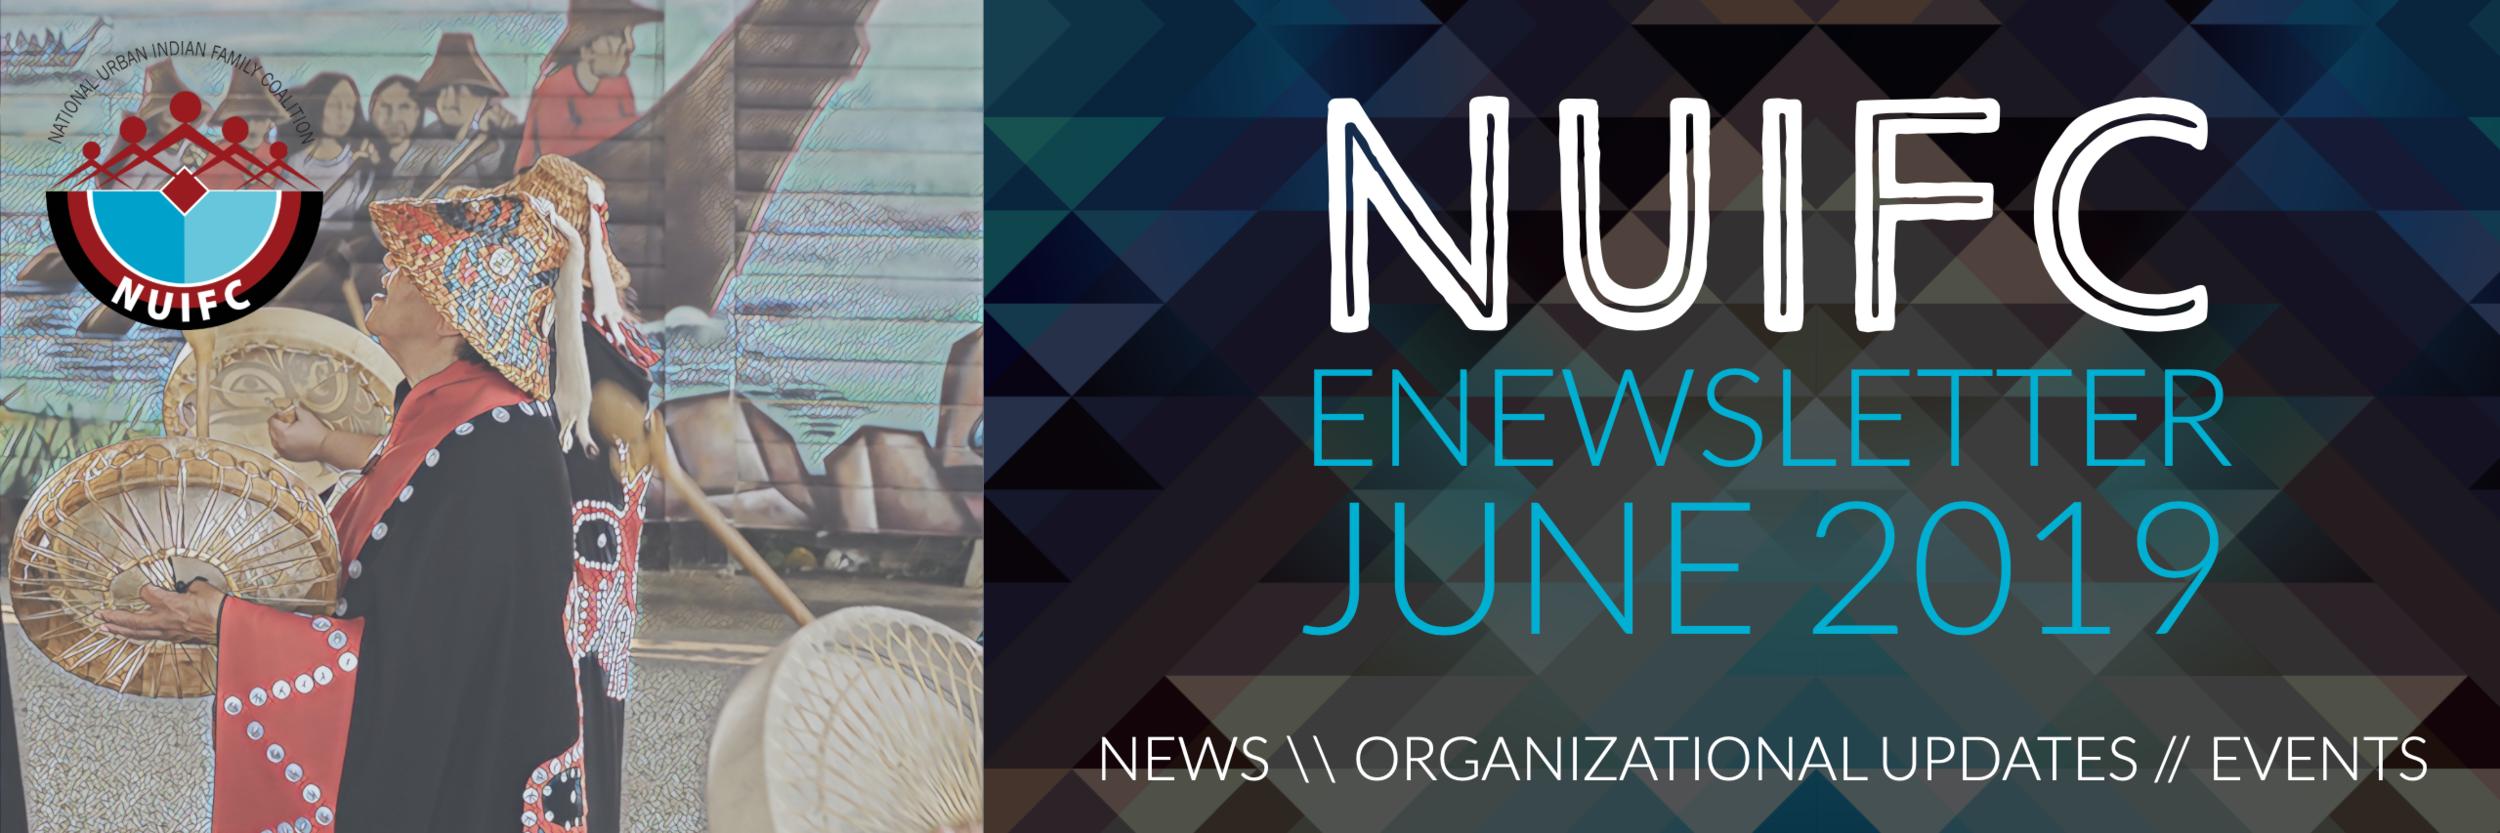 NUIF eNewsletter.png